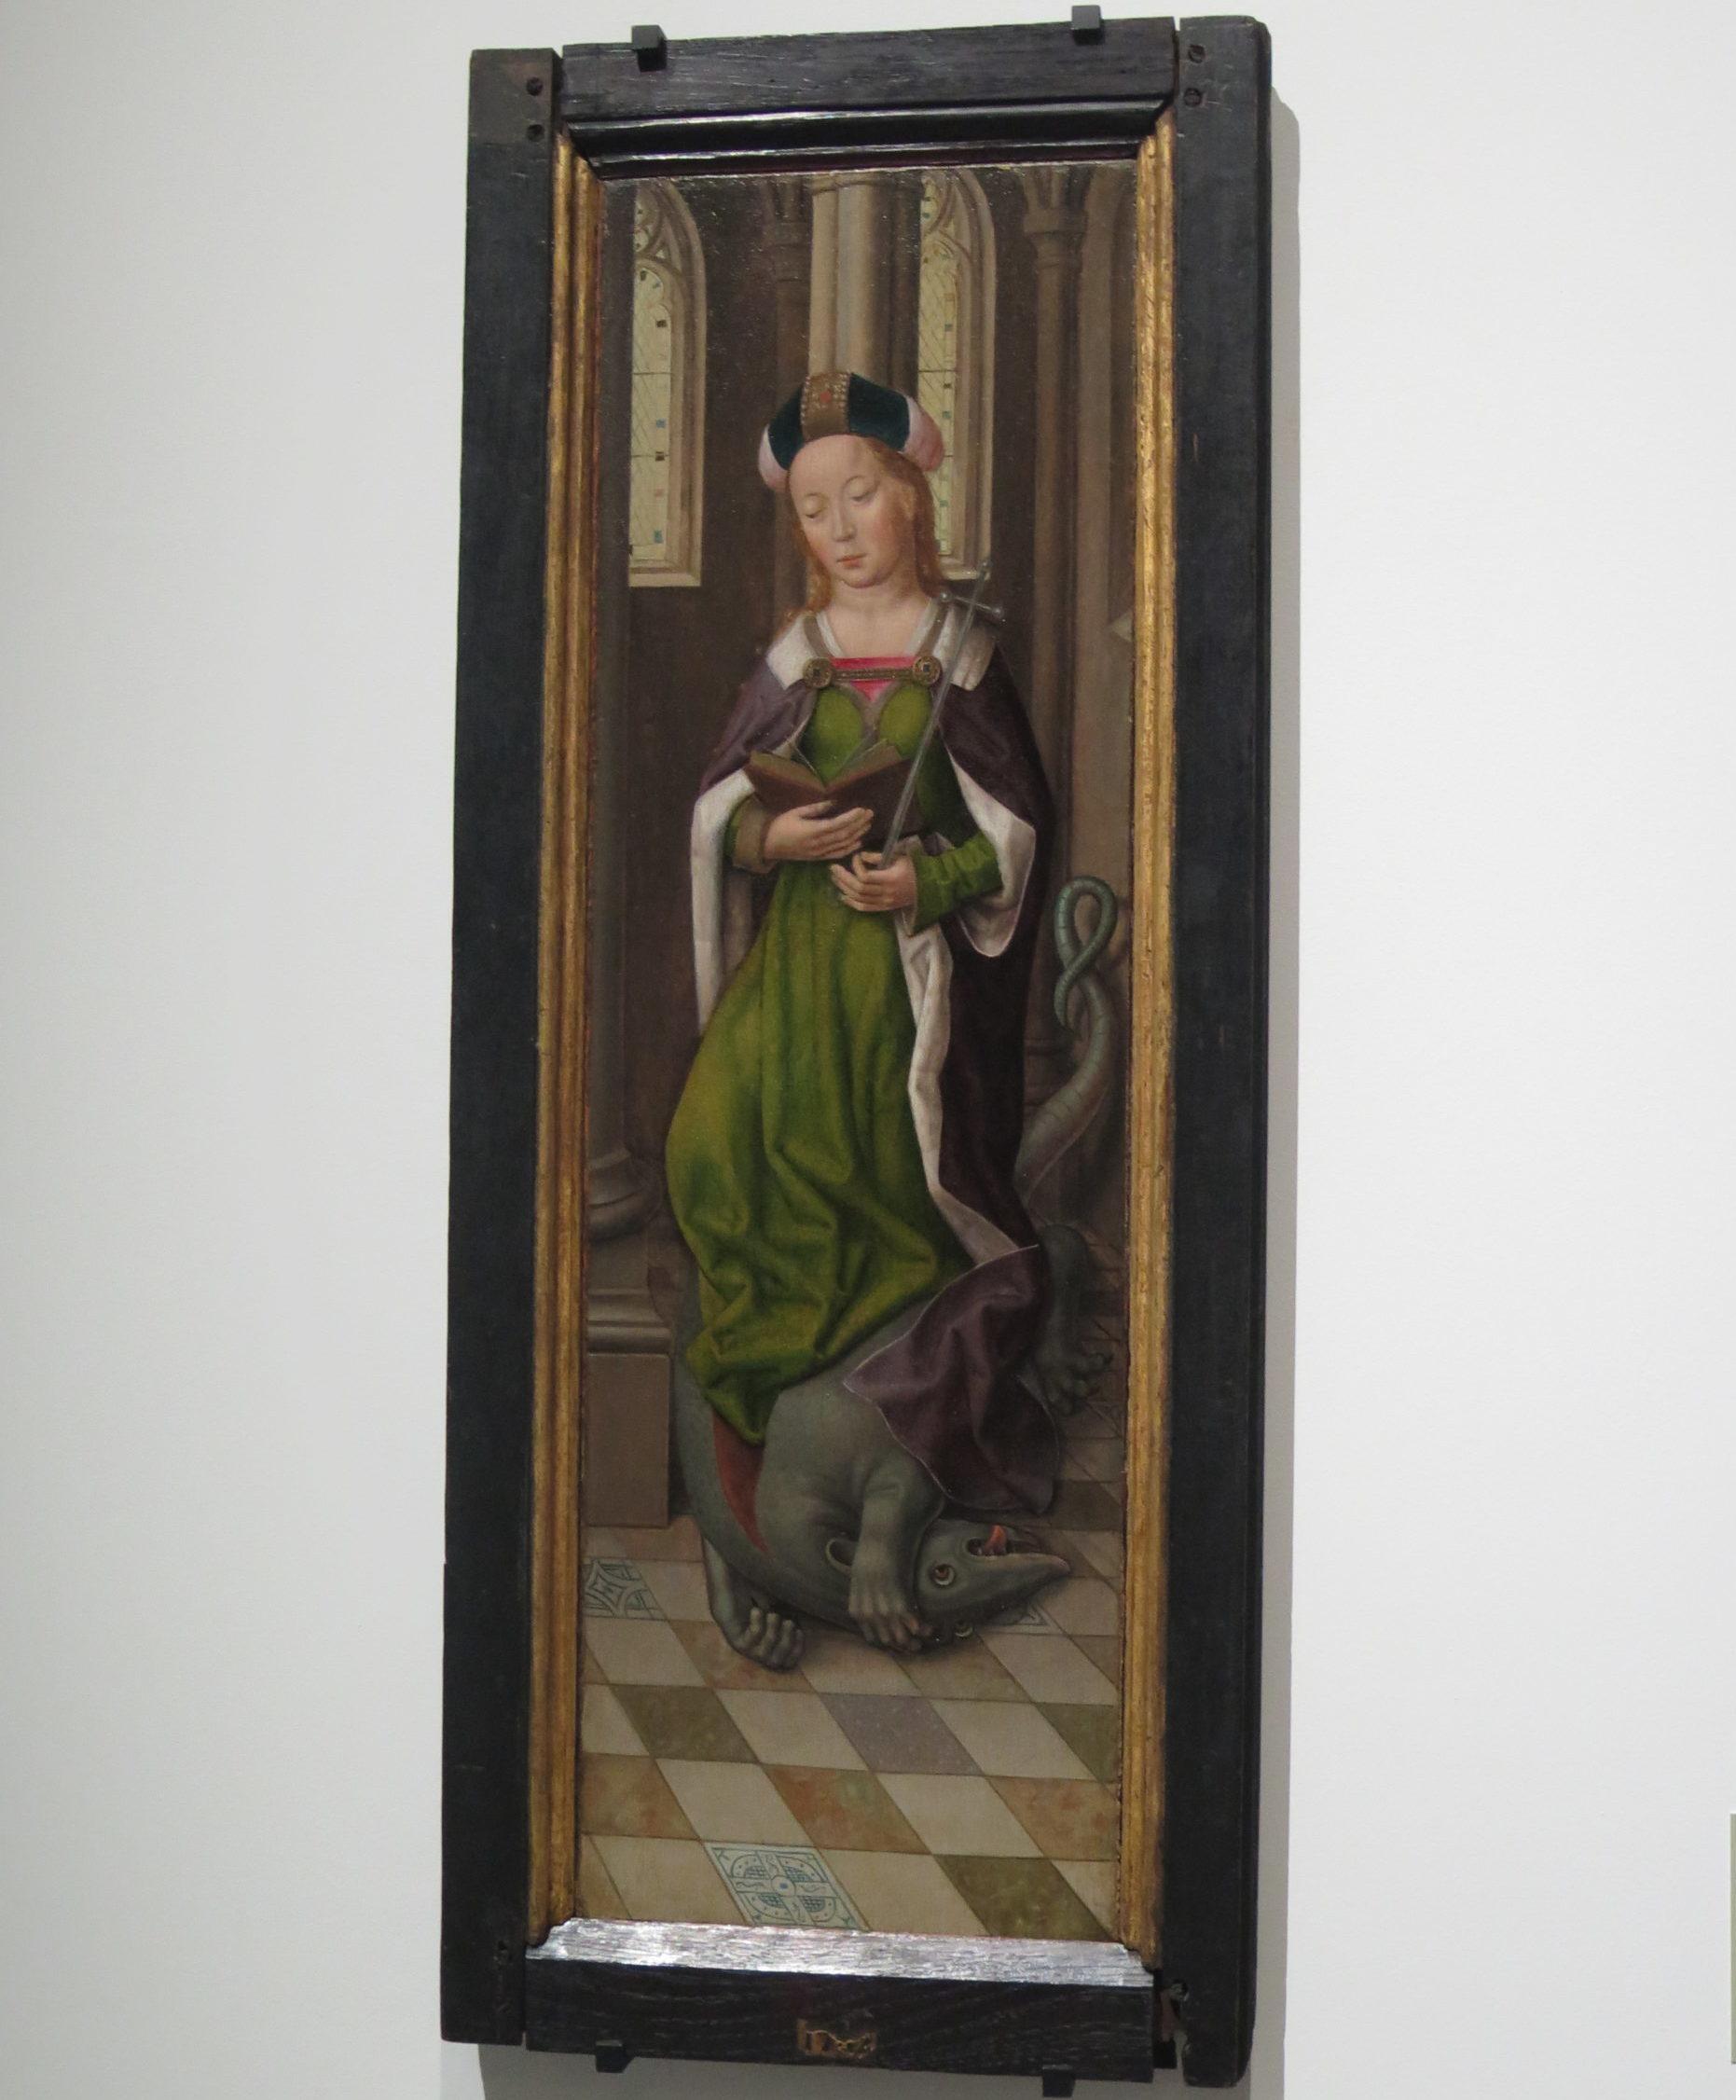 Sainte Marguerite Peinture sur bois Pays-Bas ou France du Nord, vers 1500 Fonds Alexandre Du Sommerard, 1843 Cl. 864 b